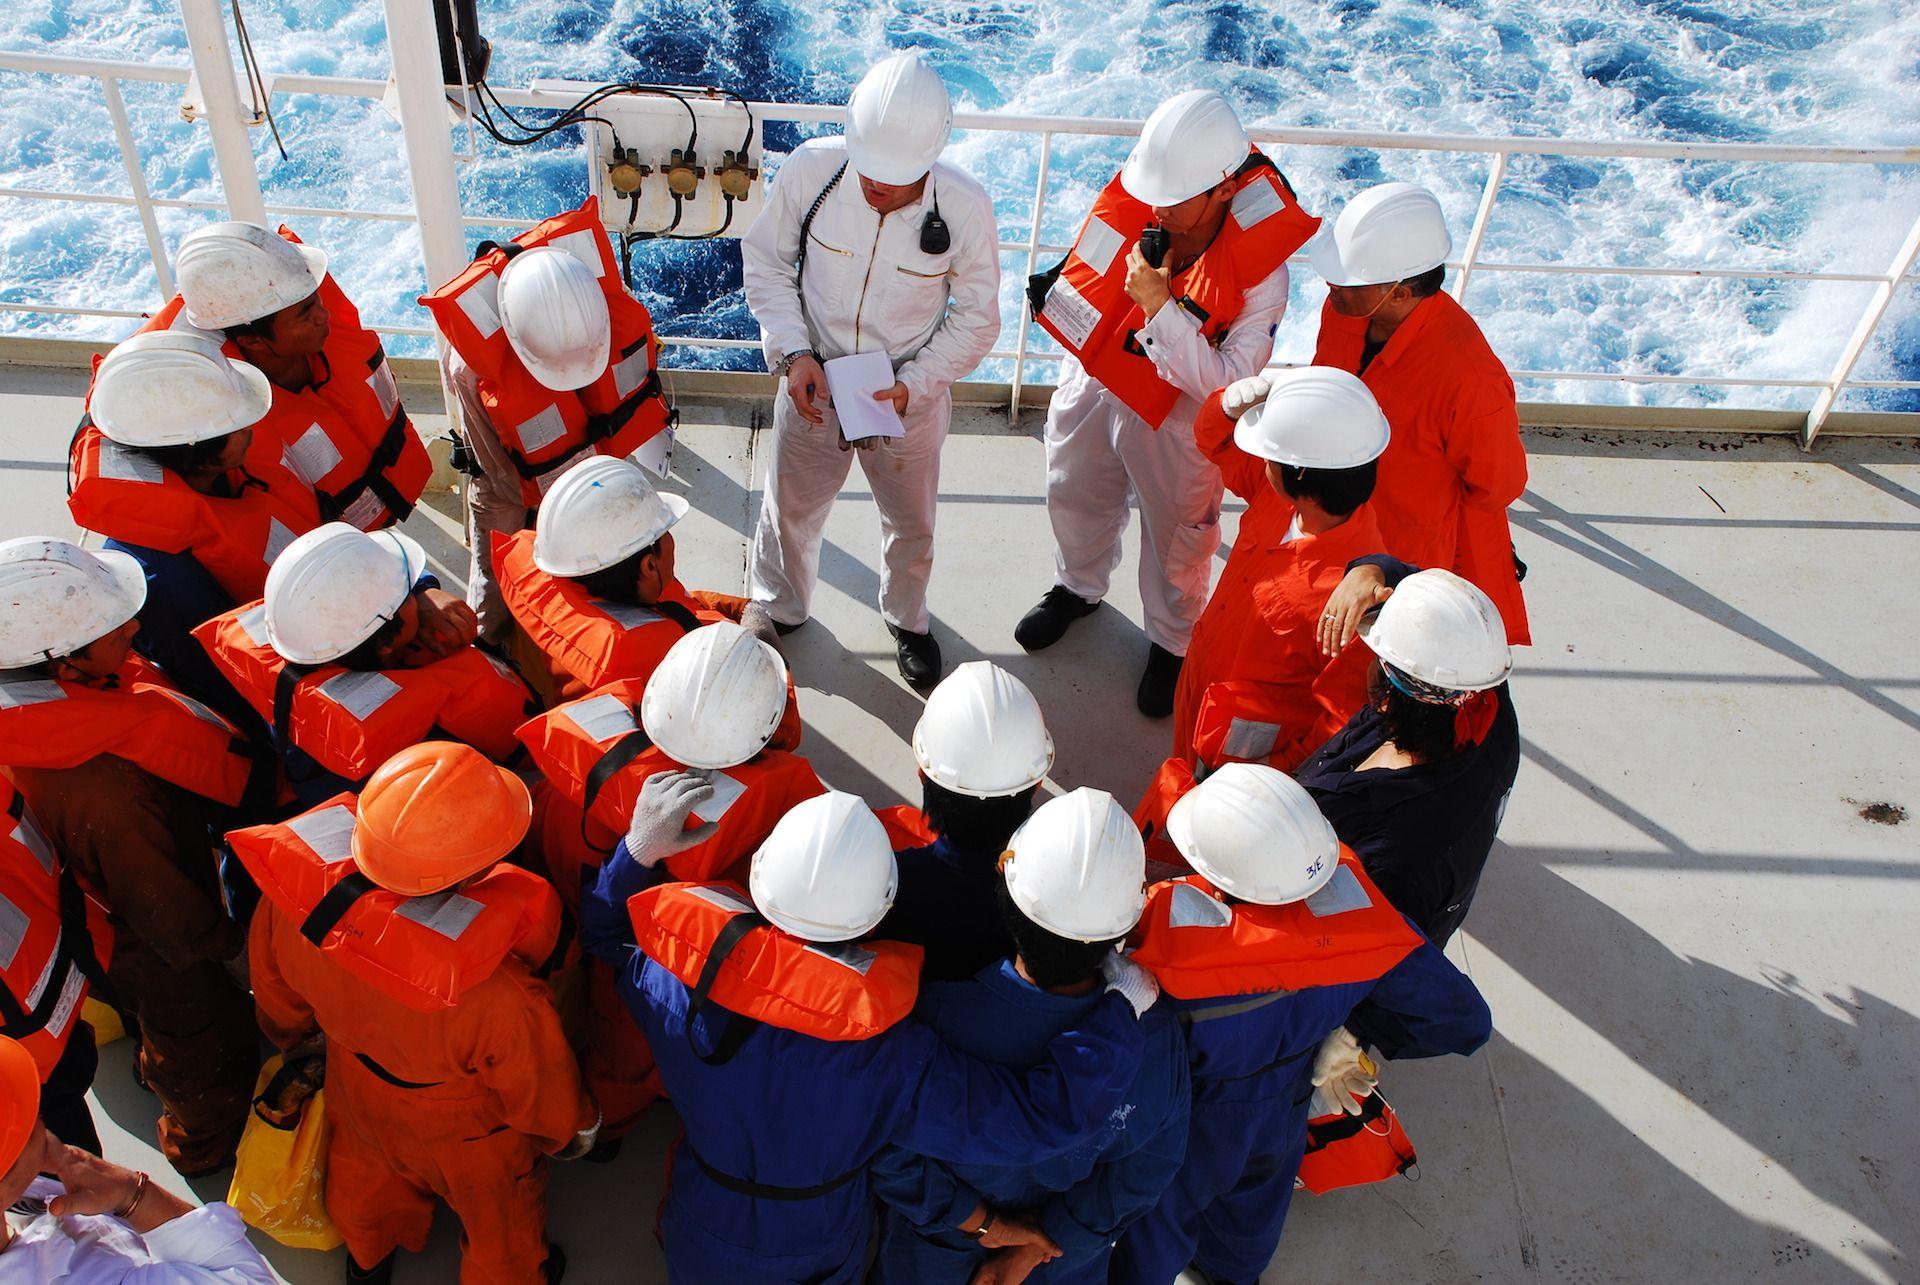 A líder mundial offshore V.Ships abriu ontem à noite (21/07) oportunidade de emprego URGENTE para trabalhar em navio tanque na função Moço de Convés